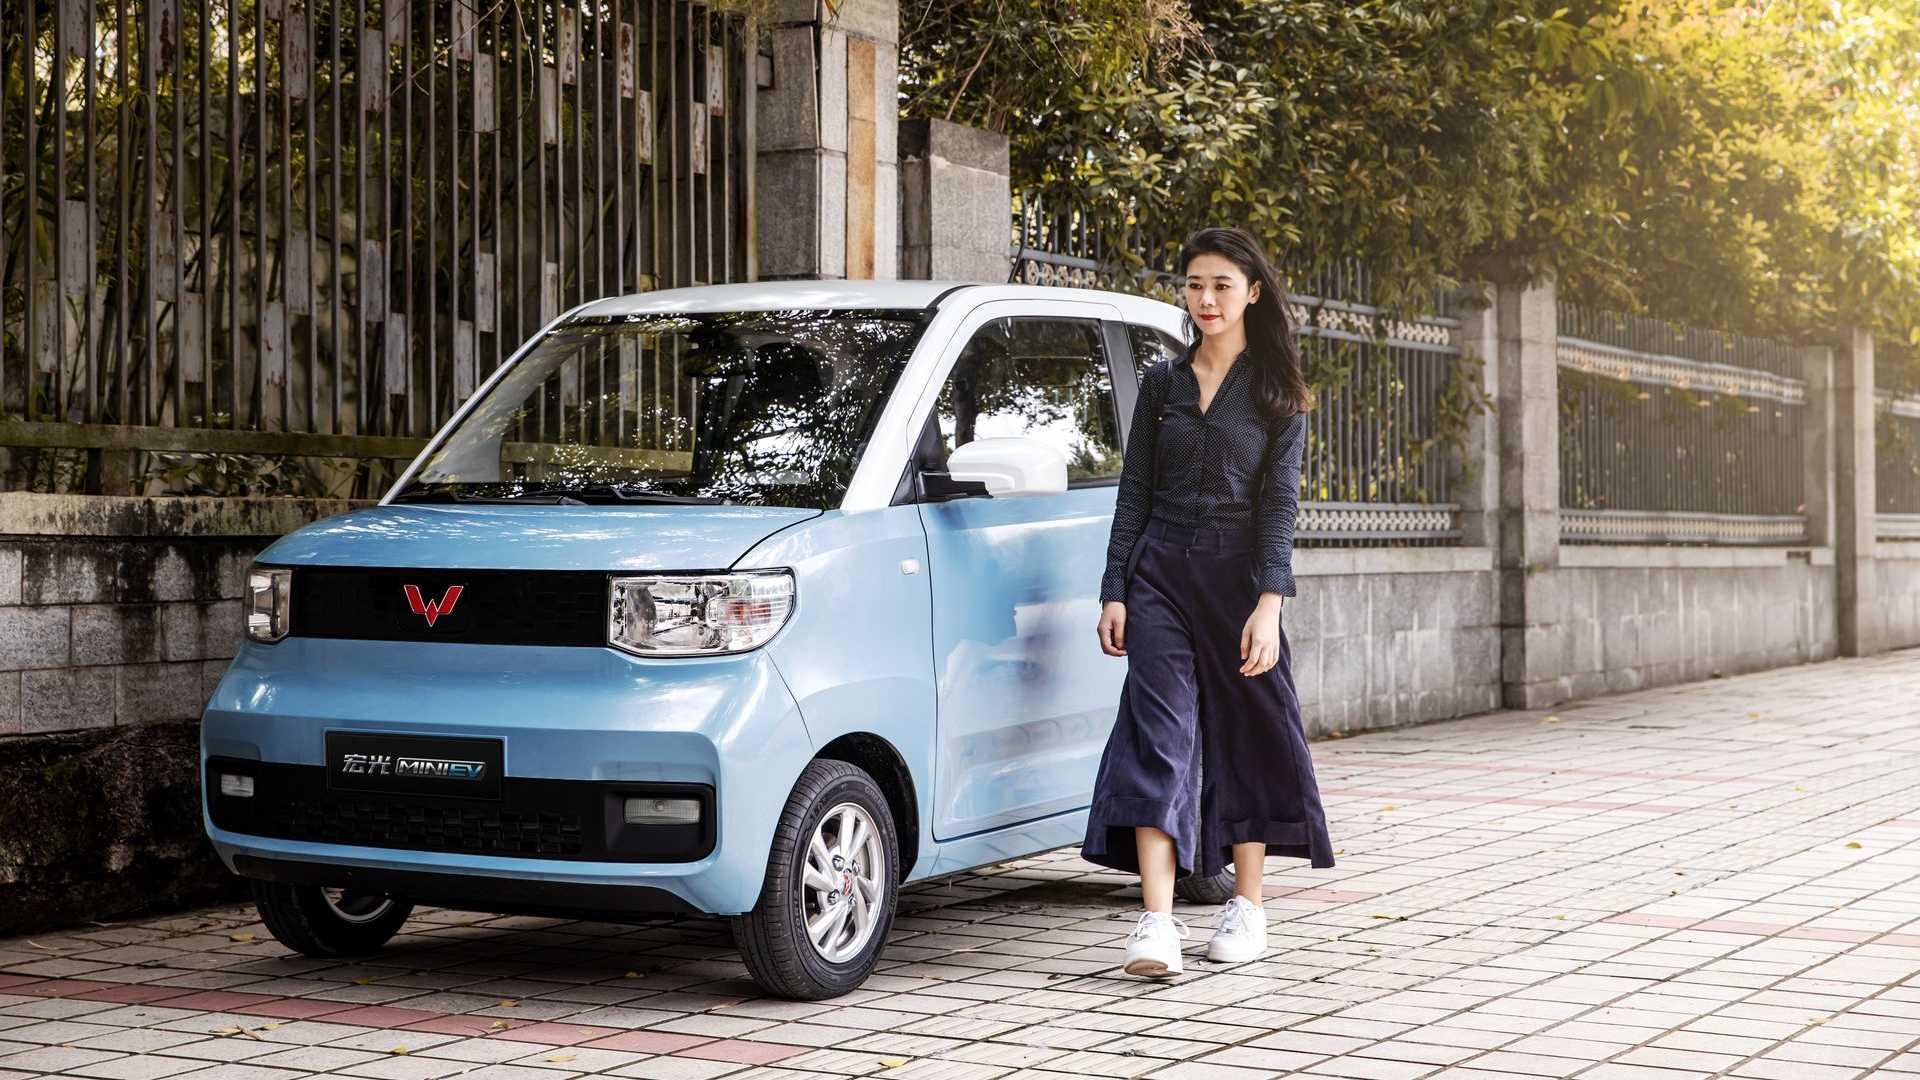 Самый продаваемый электромобиль в мире стоит всего 4000 евро 1